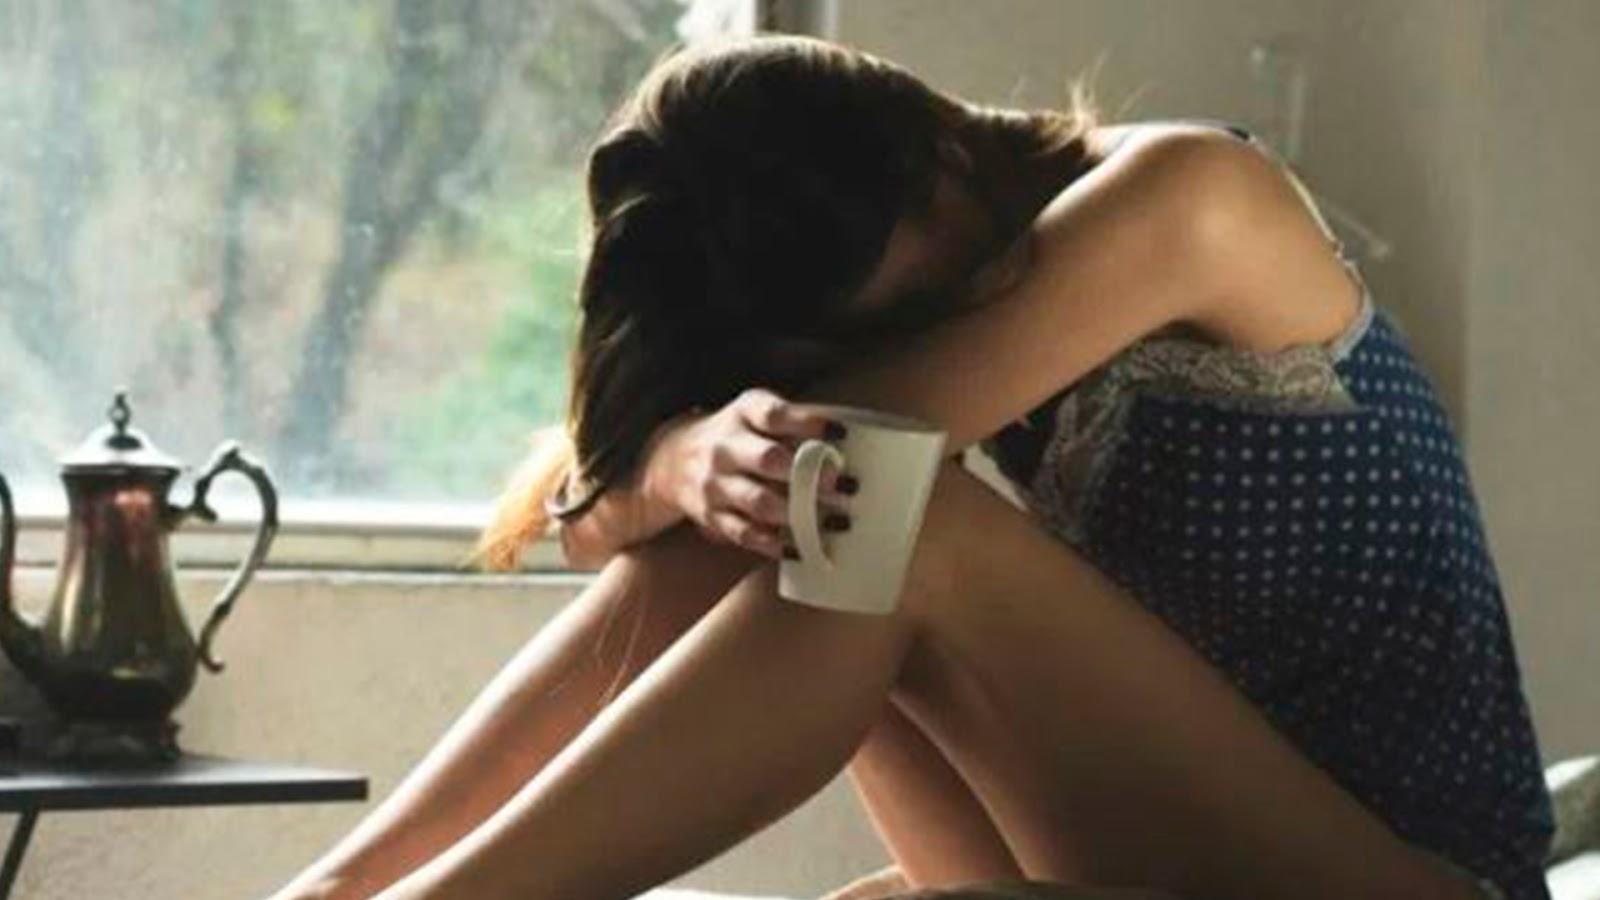 Parásitos en el intestino causan depresión, descubre UNAM